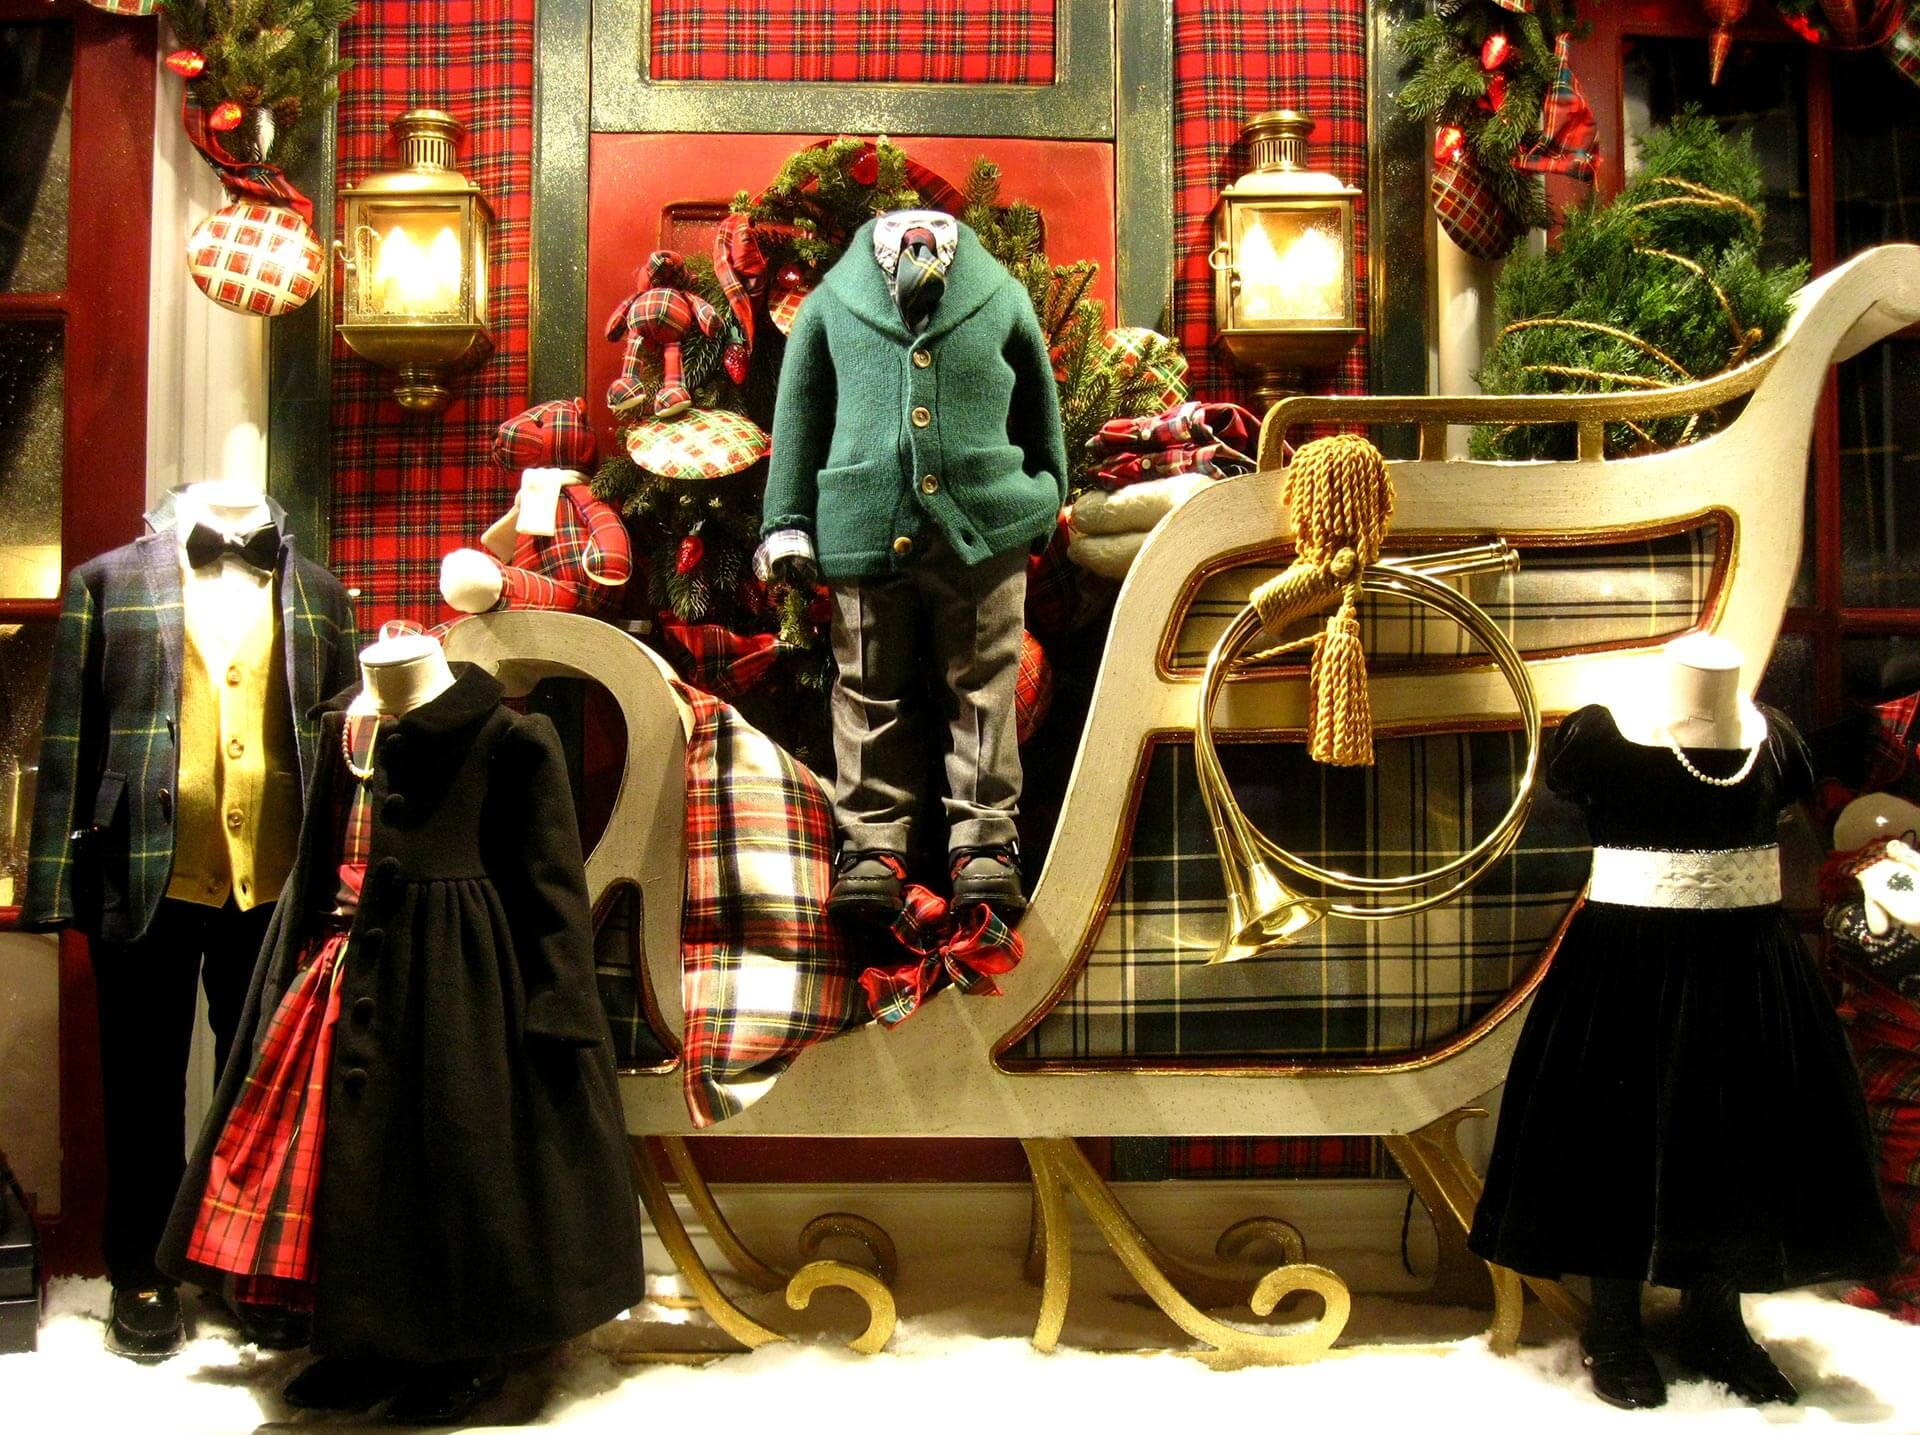 Vetrine Di Natale Abbigliamento.Idee Per Vetrine Natalizie Originali Per Abbigliamento